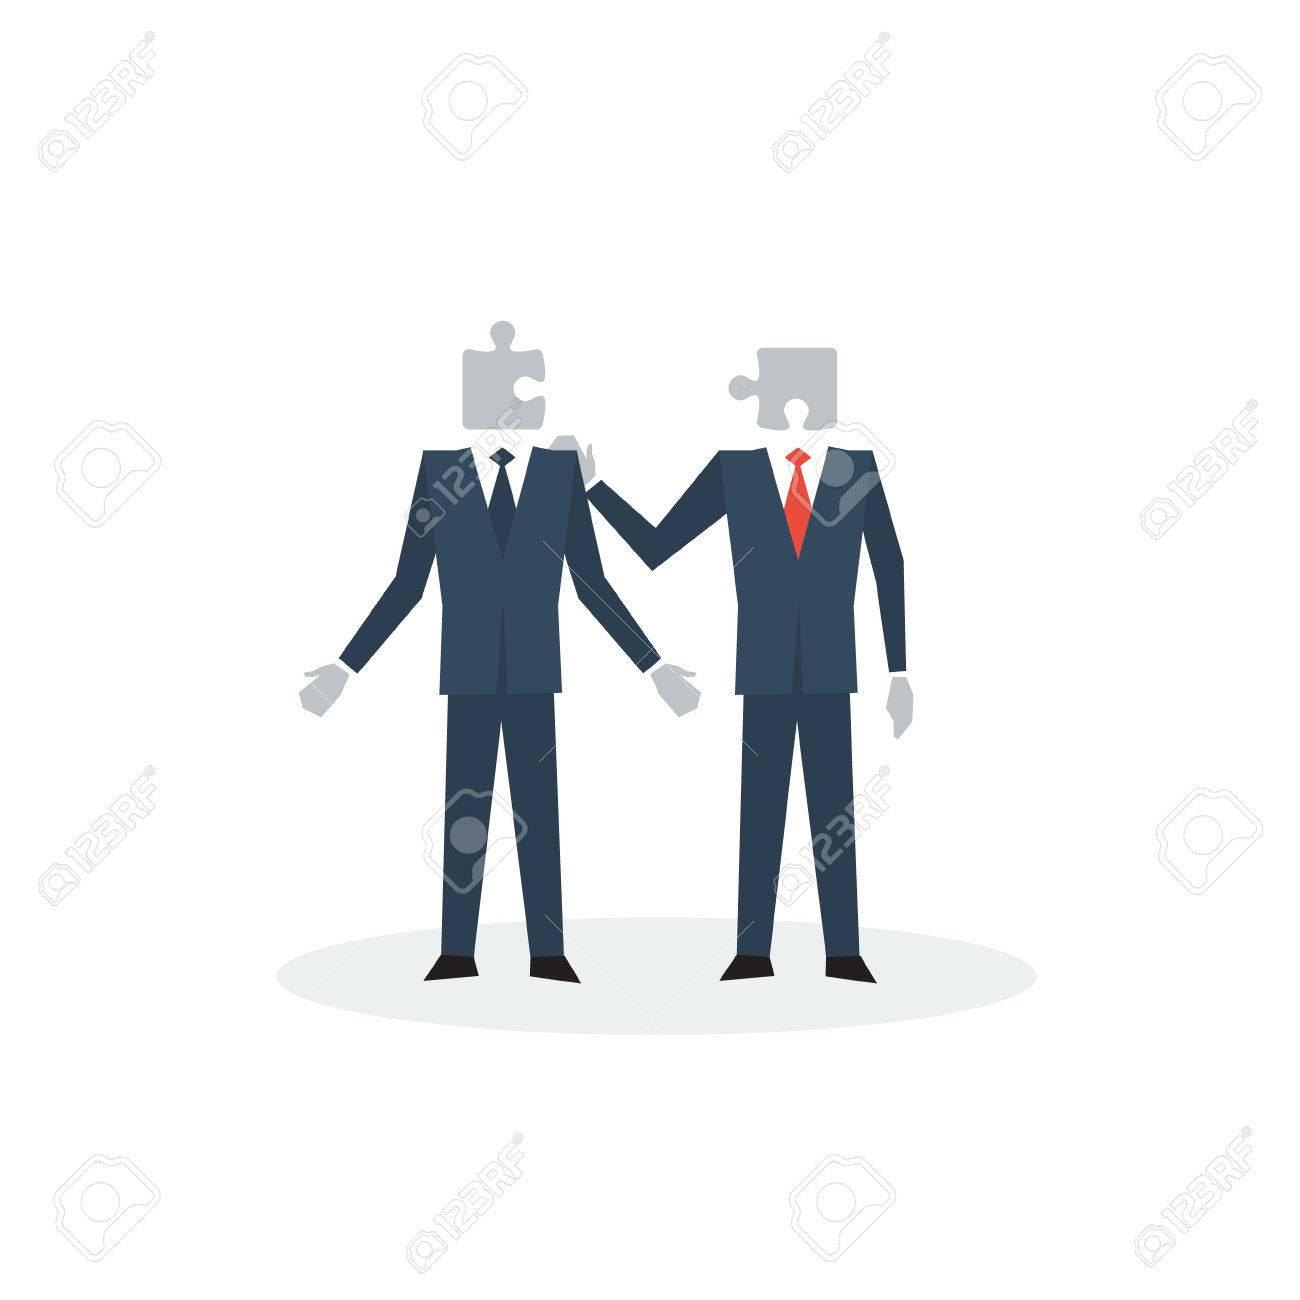 Understand each other. Team work. - 49496349